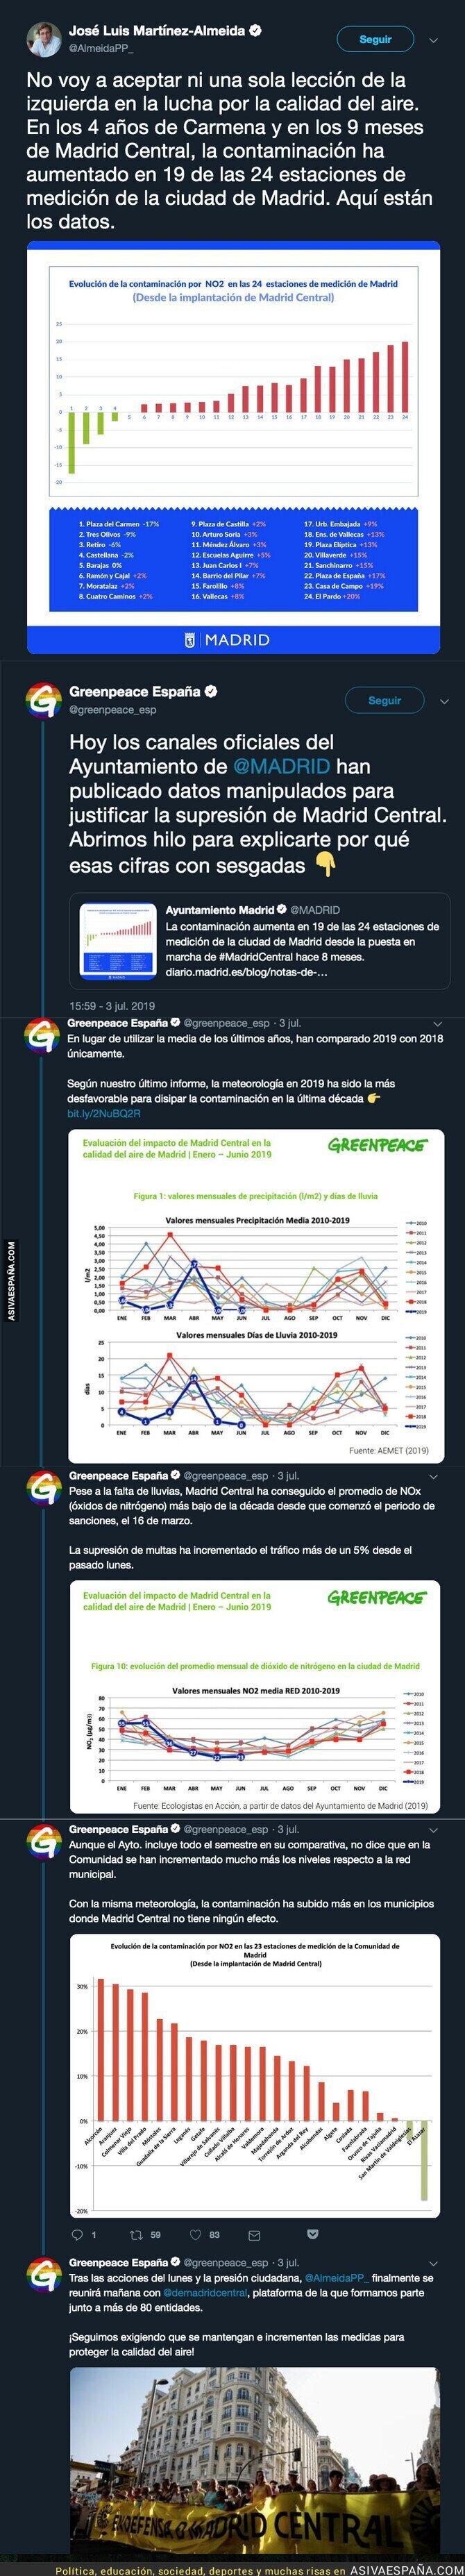 115766 - Greenpeace deja retratado a José Luis Martínez-Almeida al publicar datos manipulados sobre la contaminación en Madrid